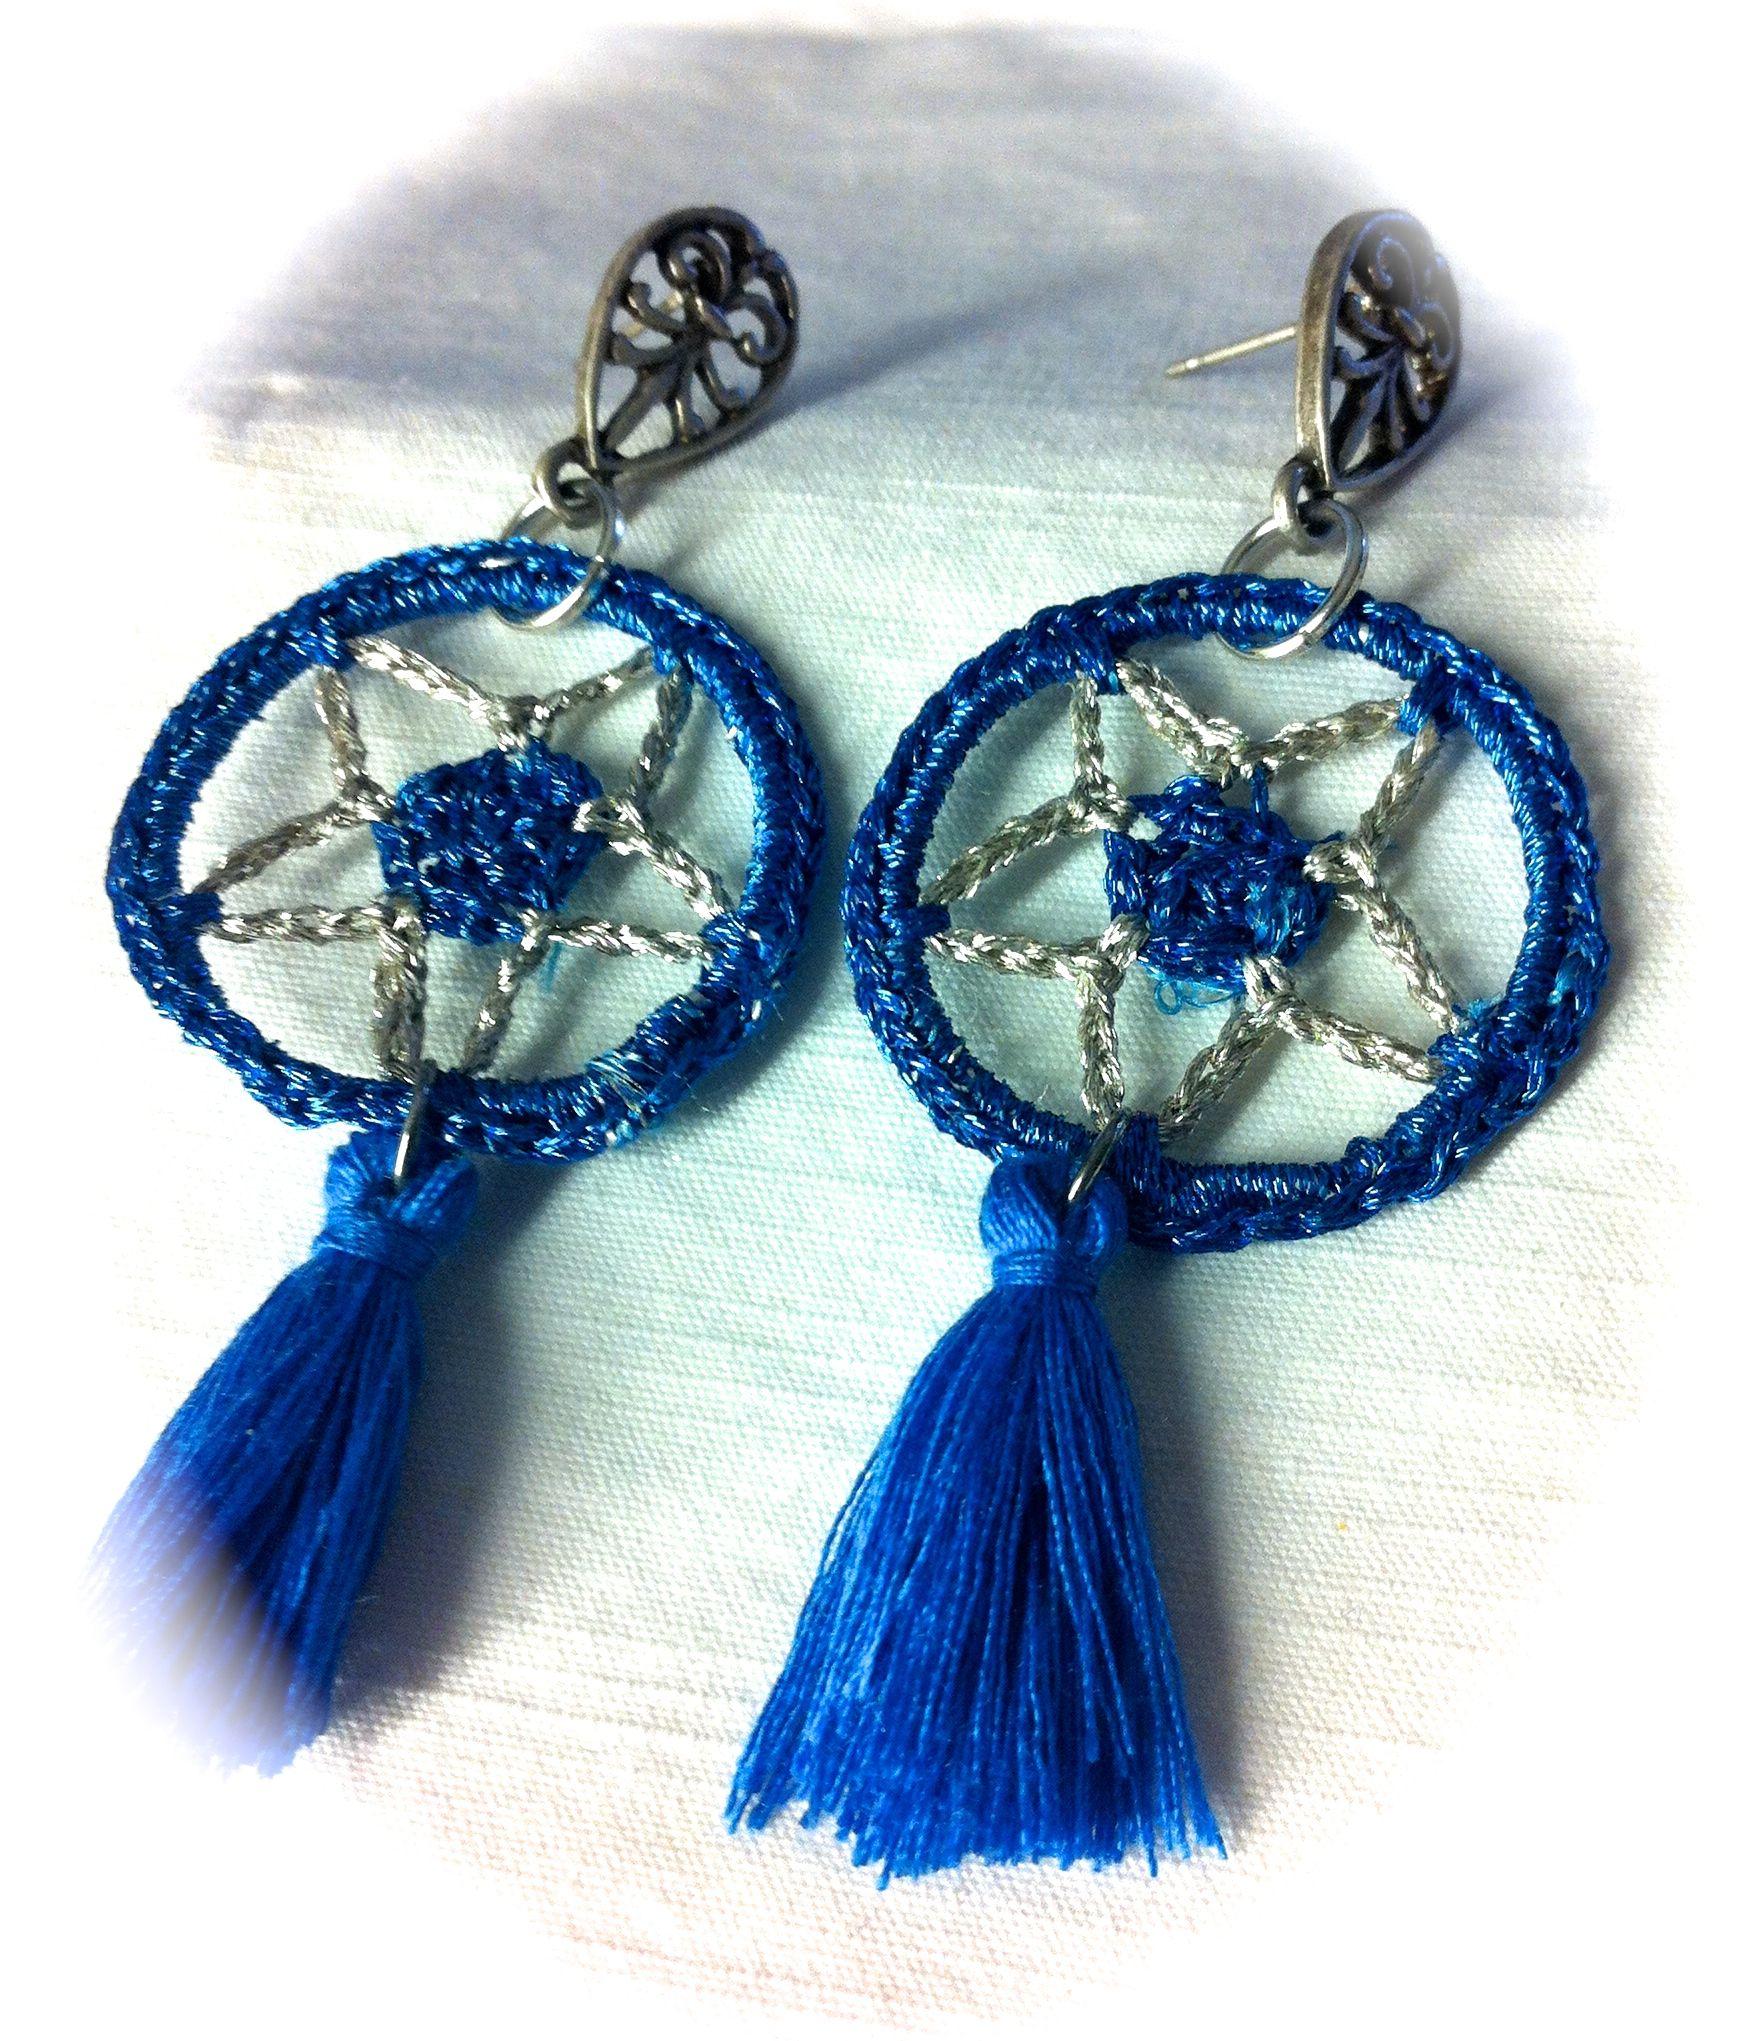 """Pendientes croxet, modelo """"Estrella"""" tejidos a mano con hilo plateado, y hilo azul metalizado, pompones de algodón: 12€"""